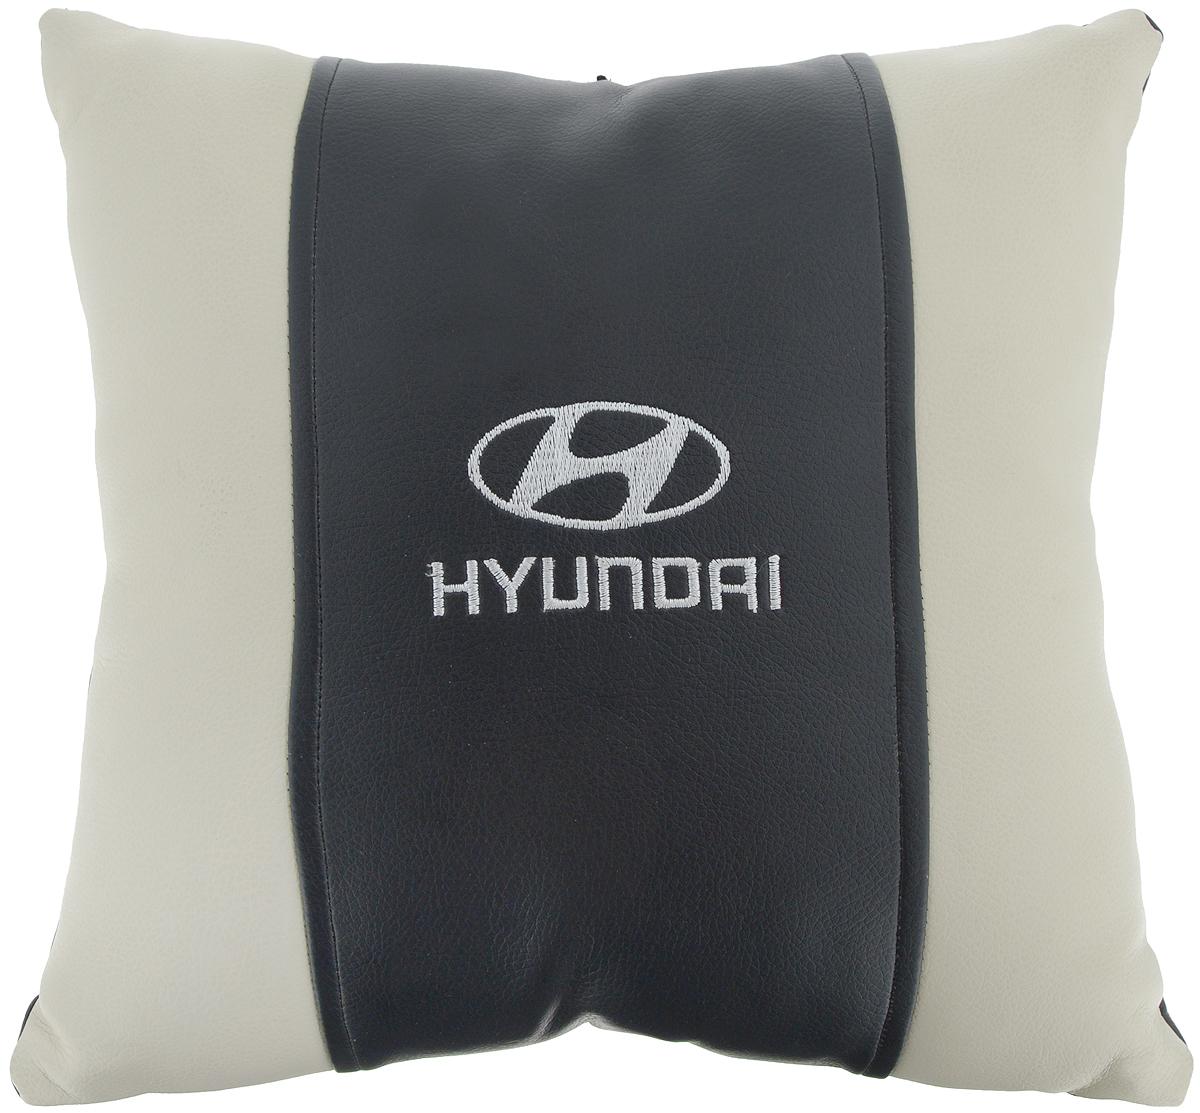 Подушка на сиденье Autoparts Hyundai, 30 х 30 смМ048Подушка на сиденье Autoparts Hyundai создана для тех, кто весь свой день вынужден проводить за рулем. Чехол выполнен из высококачественной дышащей экокожи. Наполнителем служит холлофайбер. На задней части подушки имеется змейка.Особенности подушки:- Хорошо проветривается.- Предупреждает потение.- Поддерживает комфортную температуру.- Обминается по форме тела.- Улучшает кровообращение.- Исключает затечные явления.- Предупреждает развитие заболеваний, связанных с сидячим образом жизни. Подушка также будет полезна и дома - при работе за компьютером, школьникам - при выполнении домашних работ, да и в любимом кресле перед телевизором.